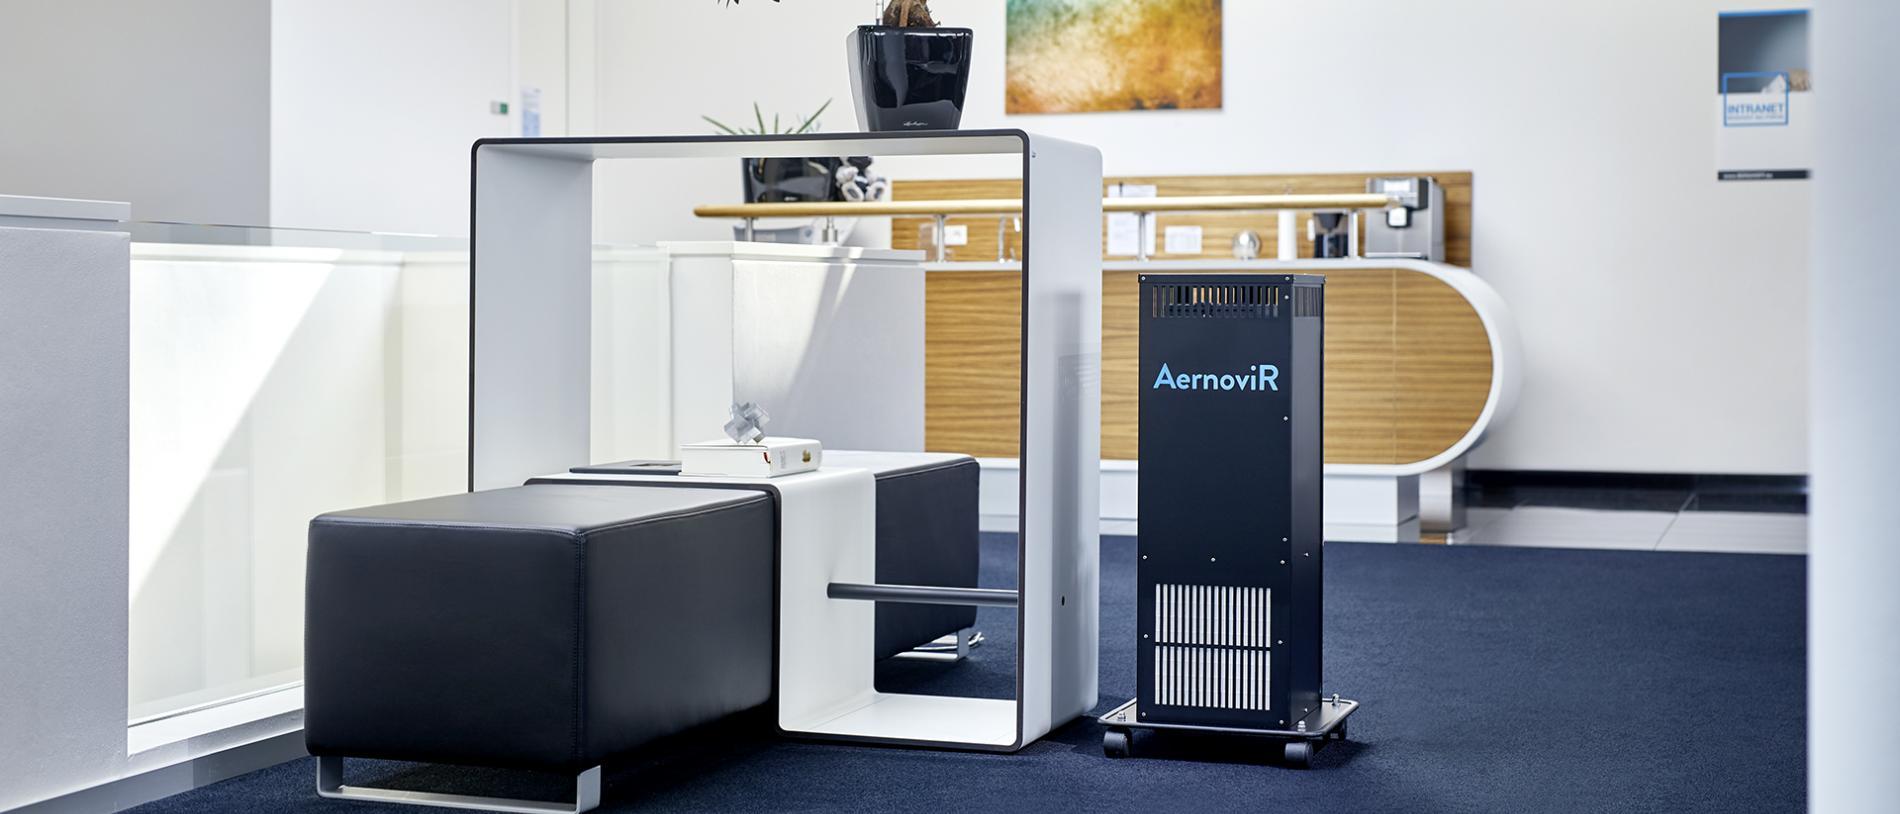 Einsatzbereiche für den Plasma-Luftreiniger   AernoviR